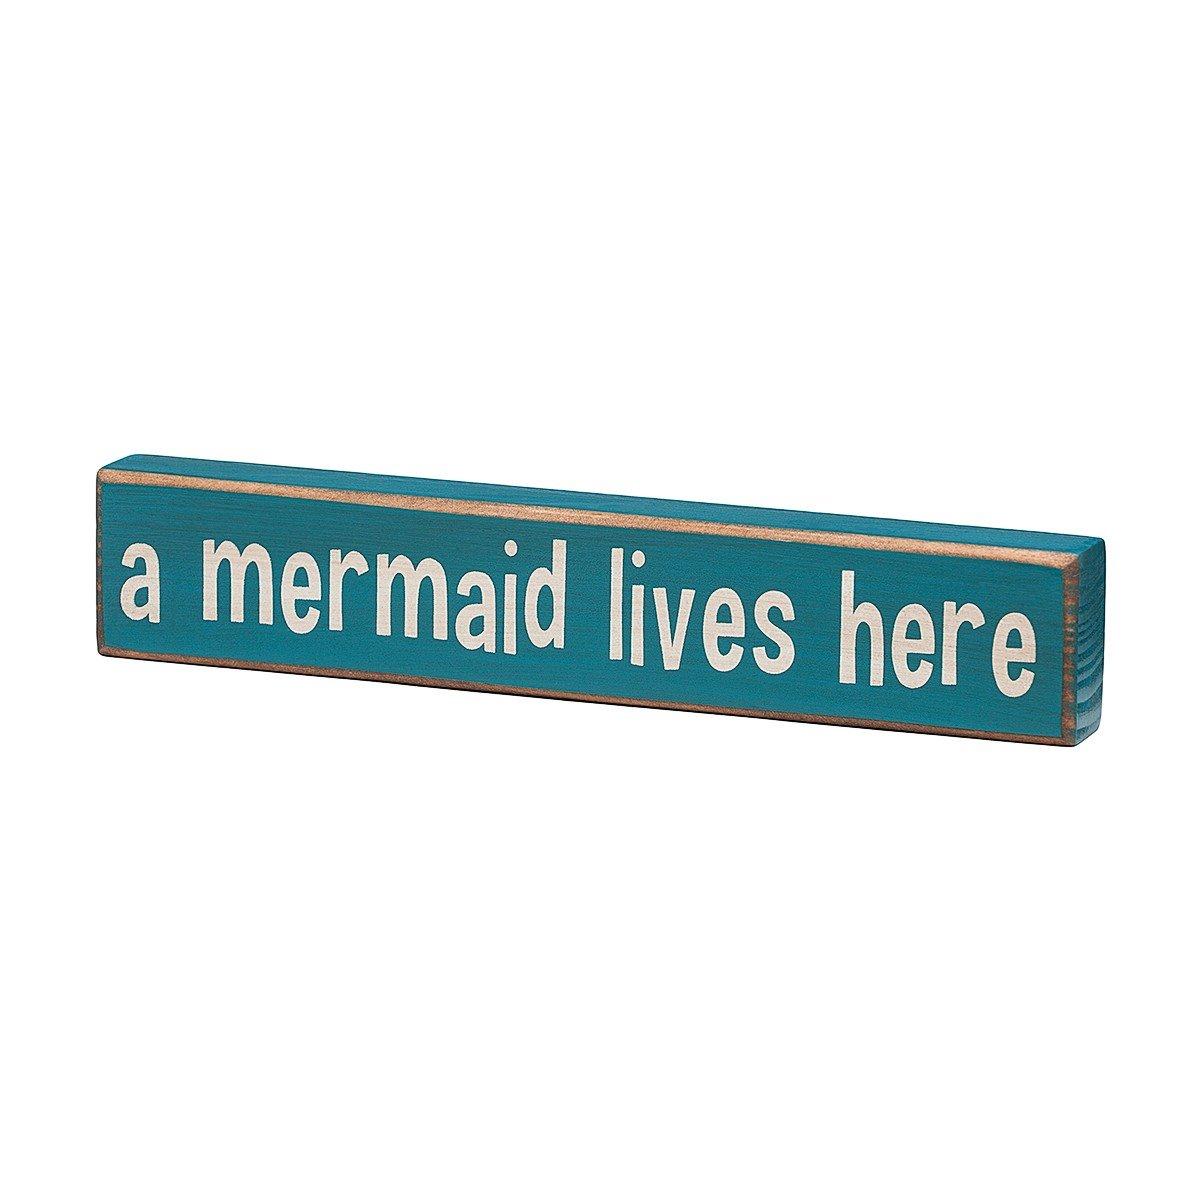 Amazon.com: A Mermaid Lives Here - Vintage Coastal Mini Wood Sign ...